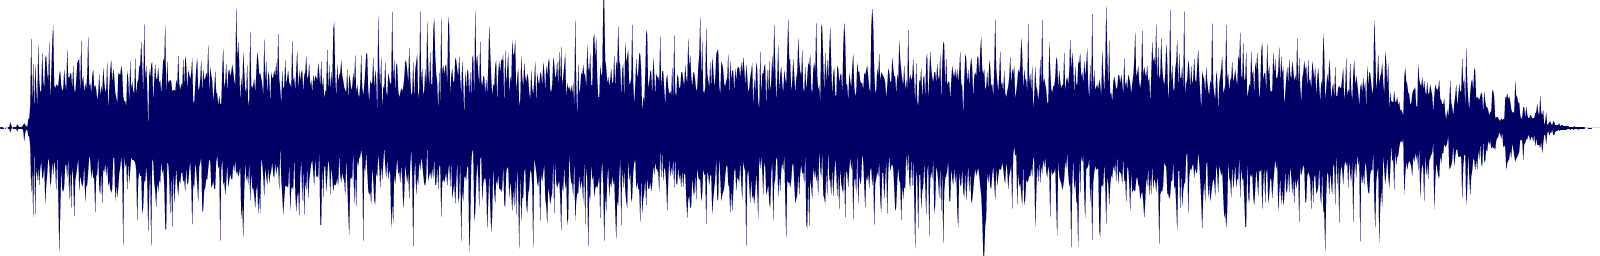 waveform of track #137141